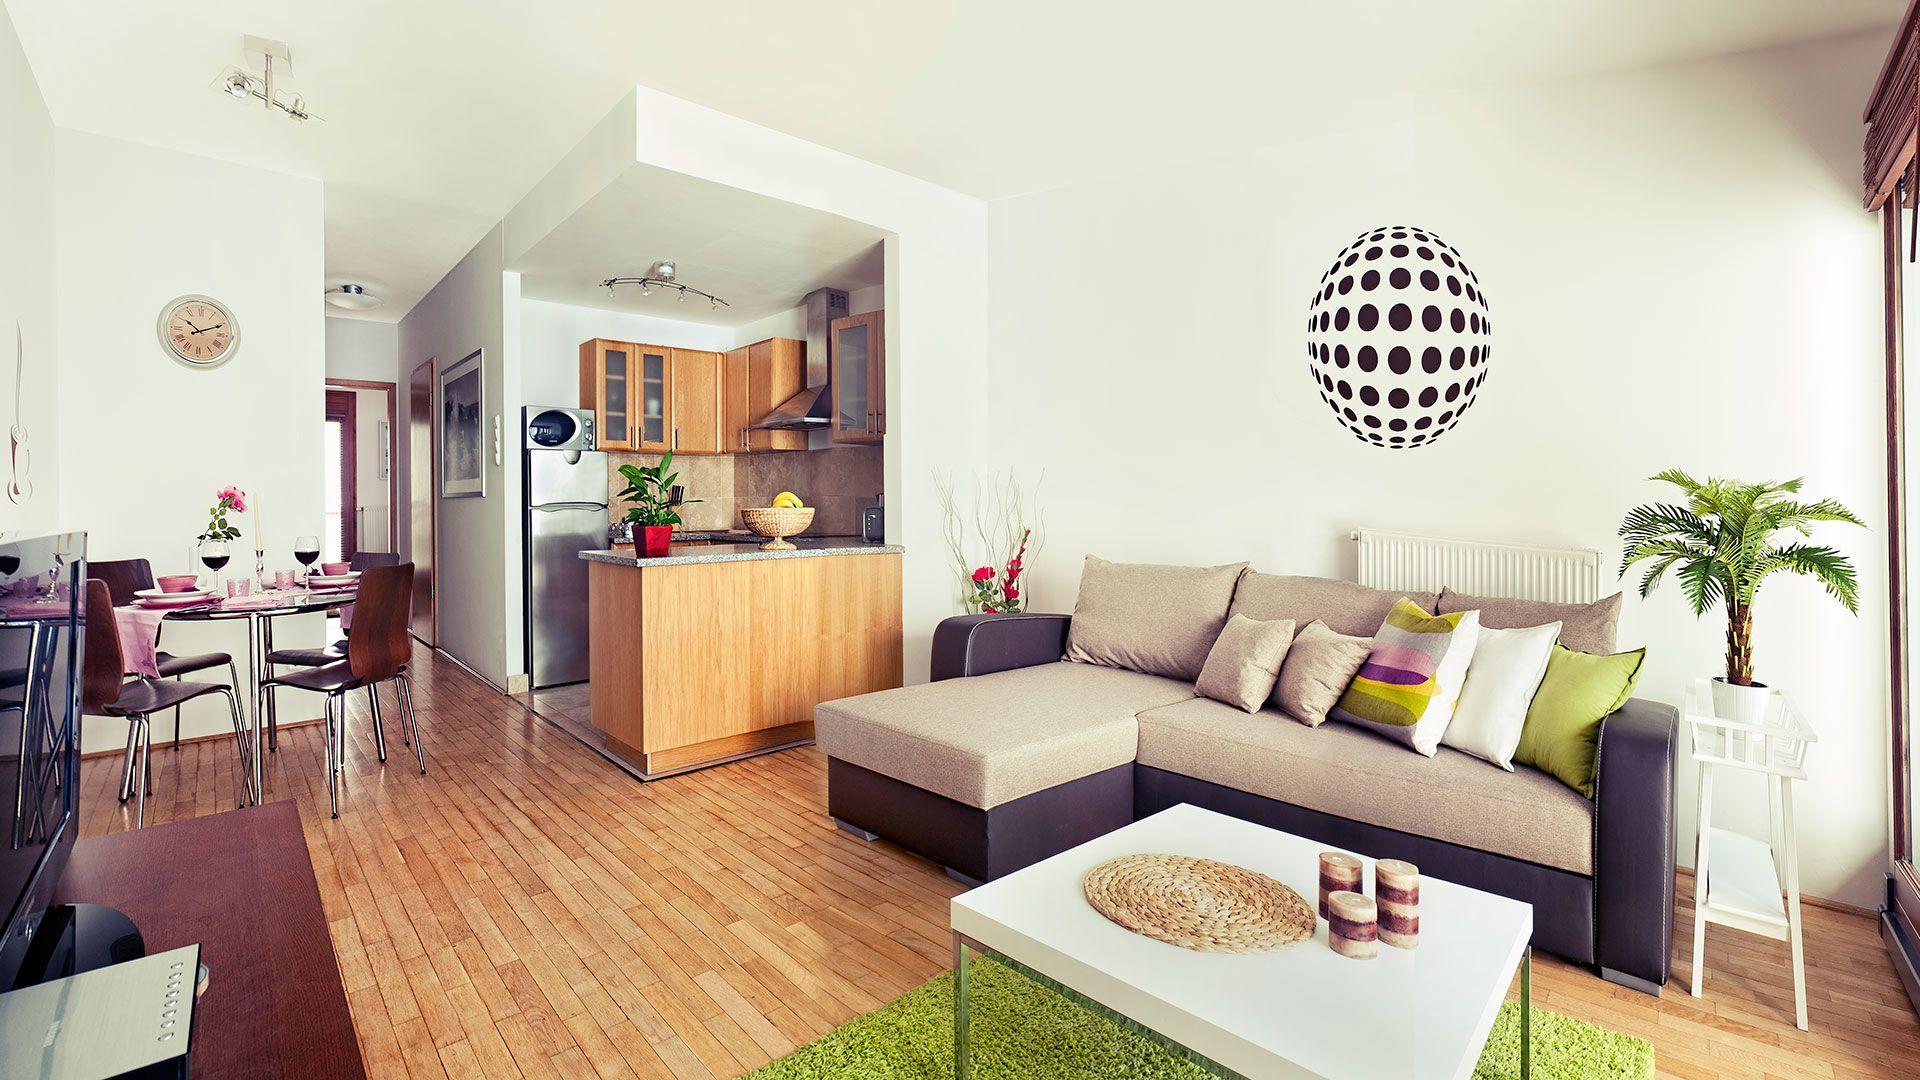 #Wohnung Kleine Zweizimmerwohnung Pl Ne #Kleine #Zweizimmerwohnung #Pl Ne